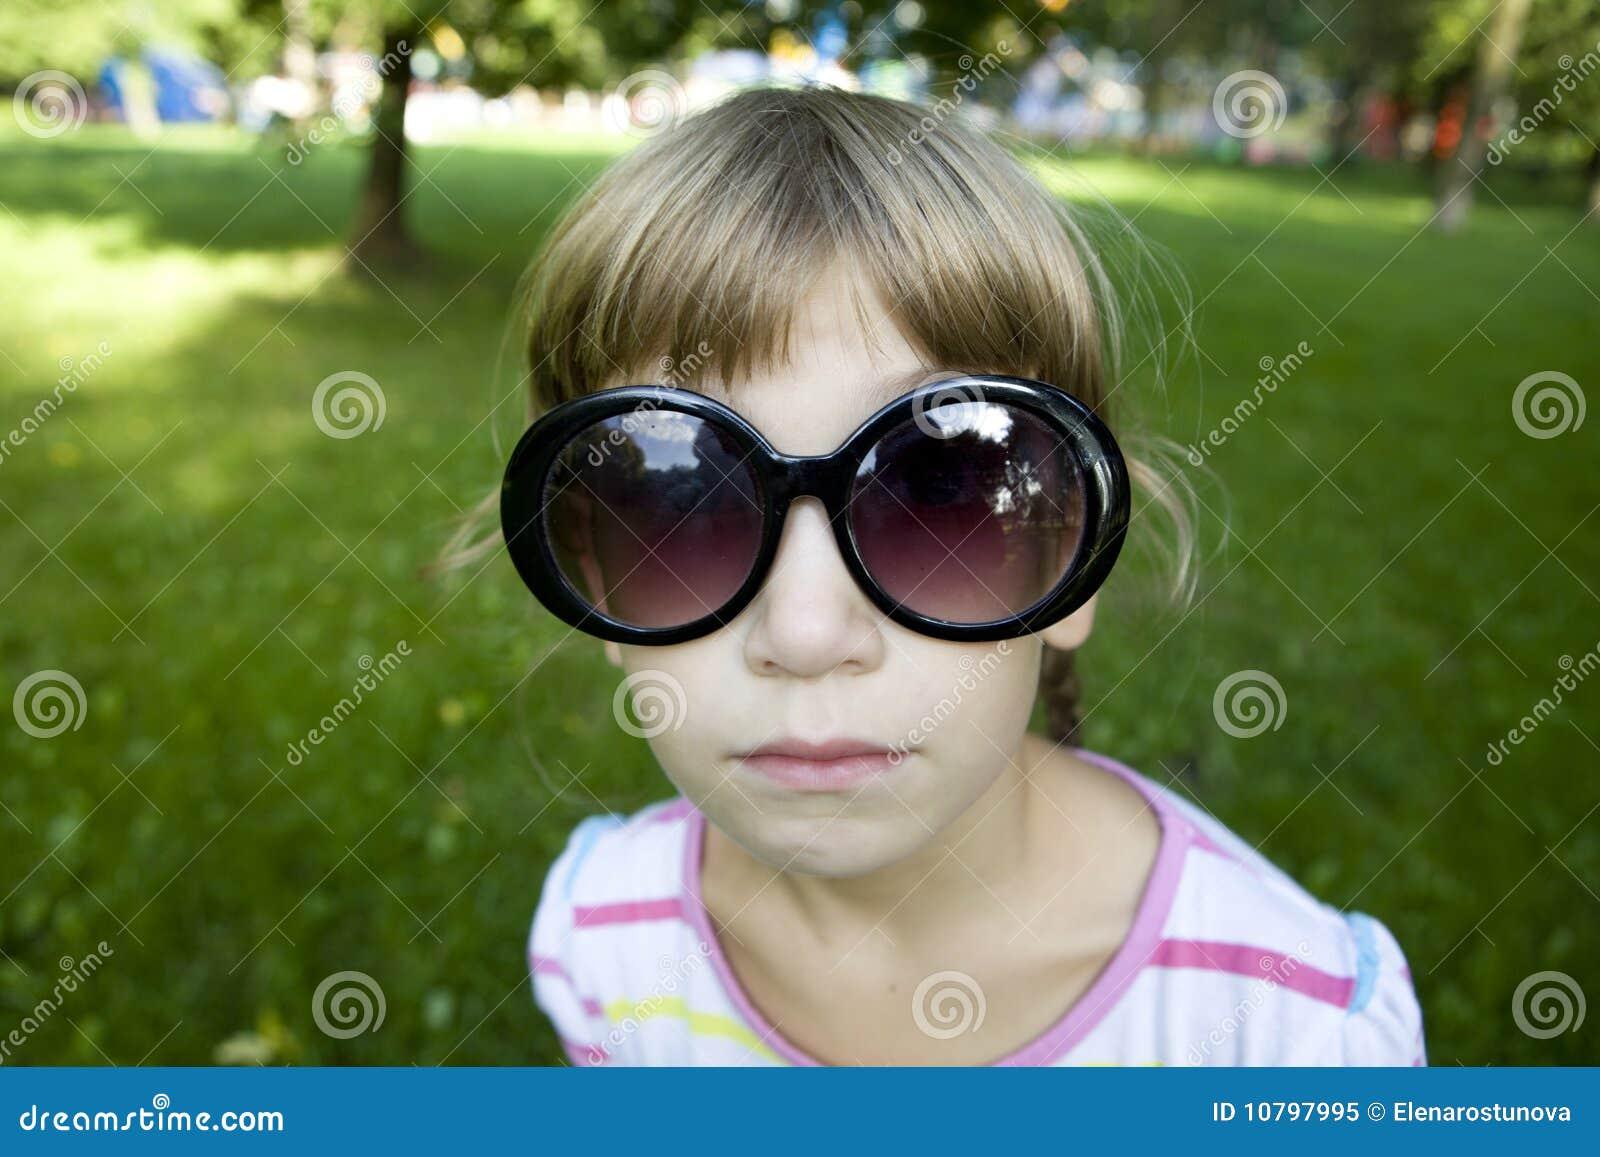 irish voyeur girl park